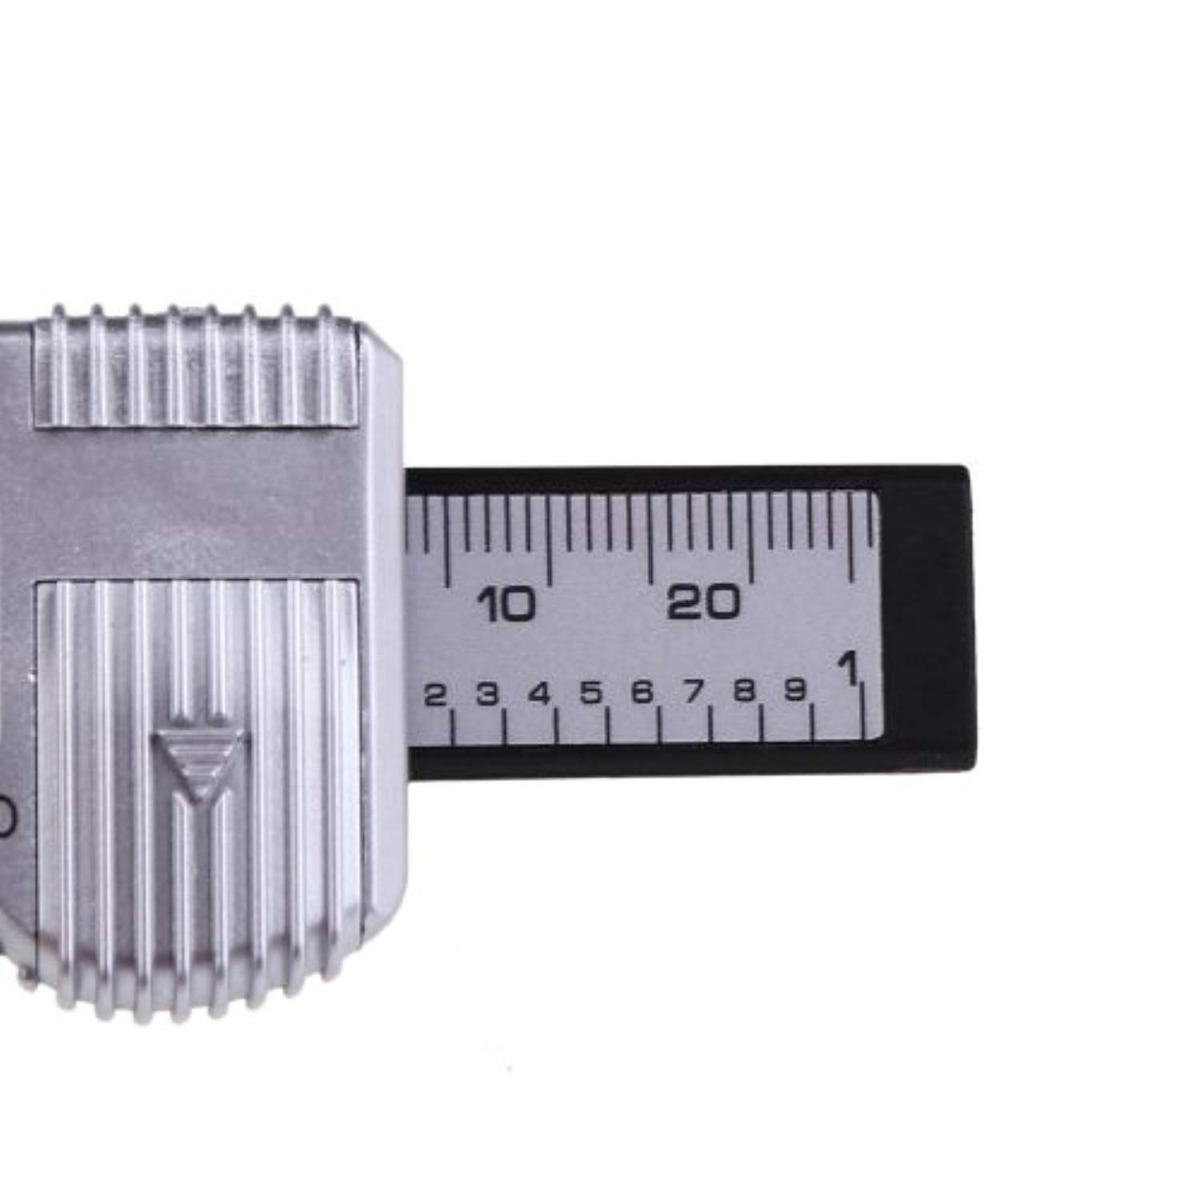 Vktech Gray Pantalla Lcd Digital Calibre